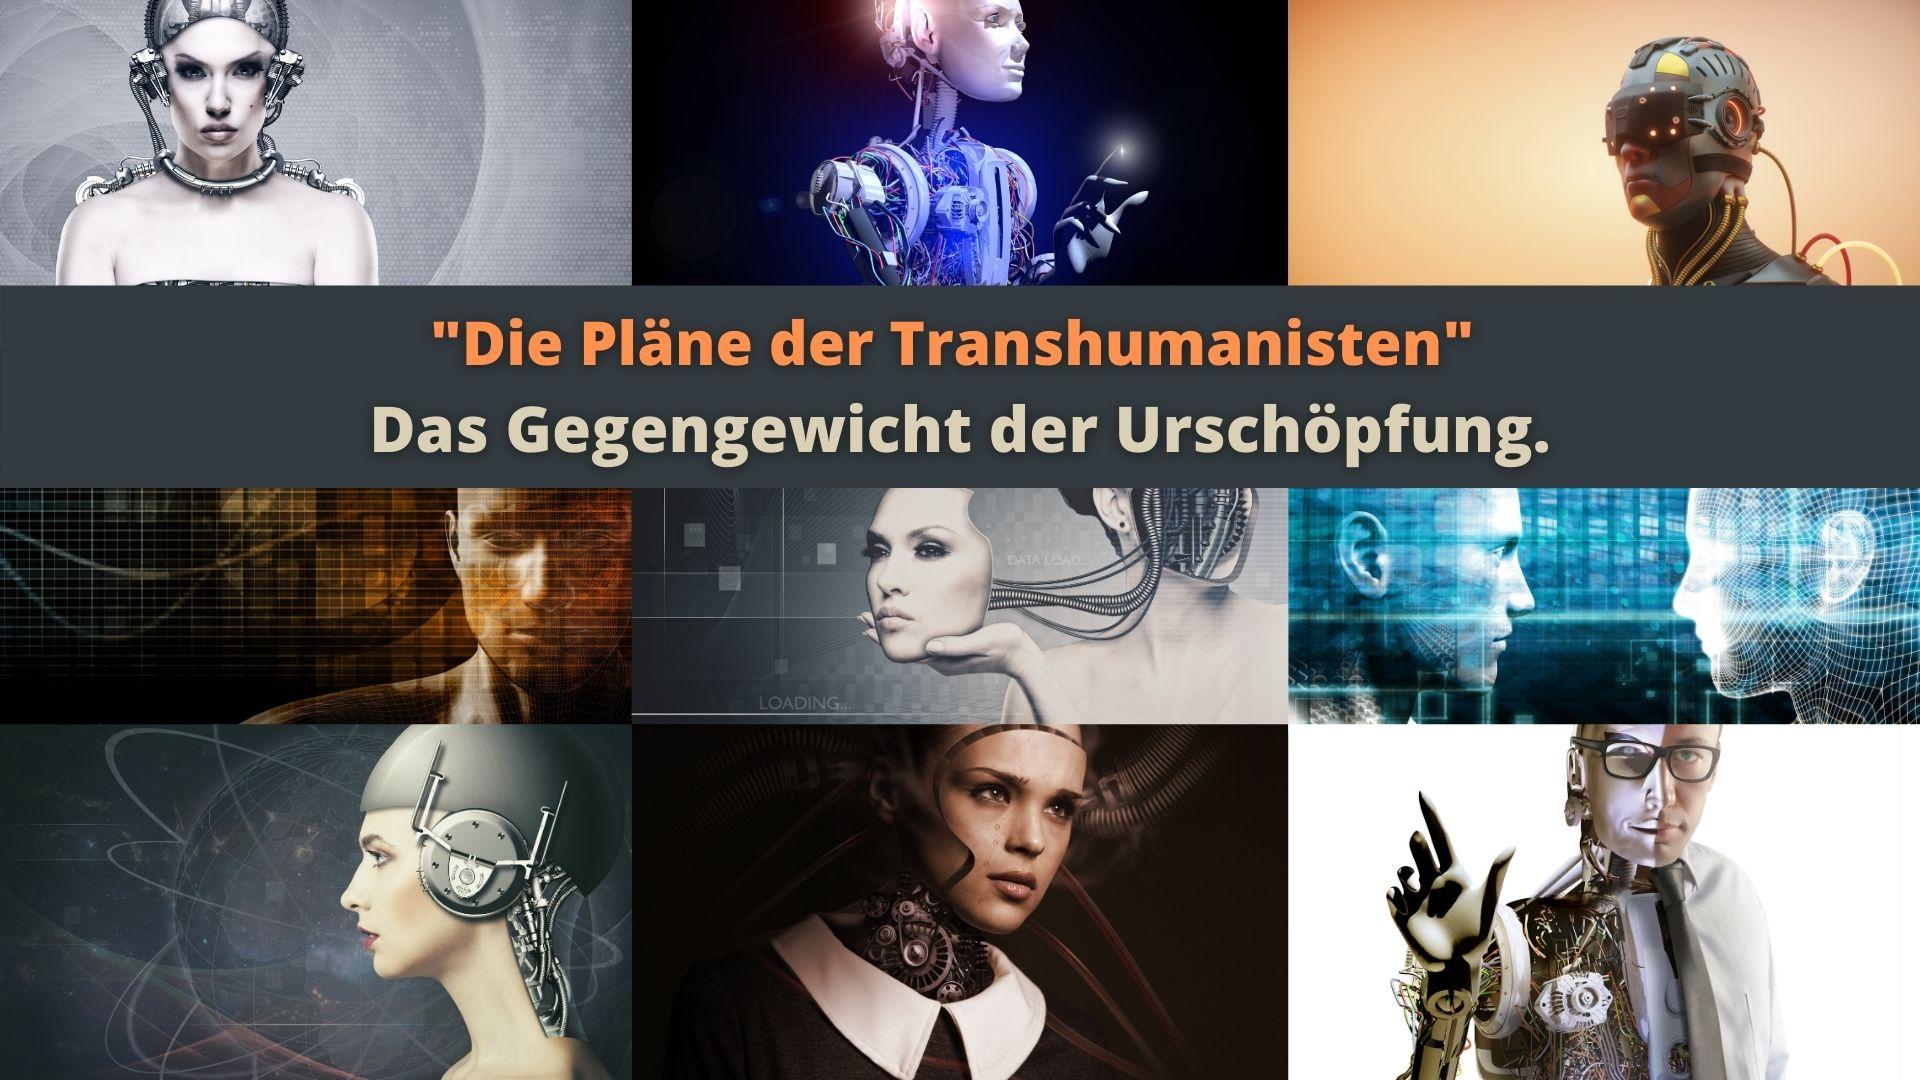 Die Pläne der Transhumanisten